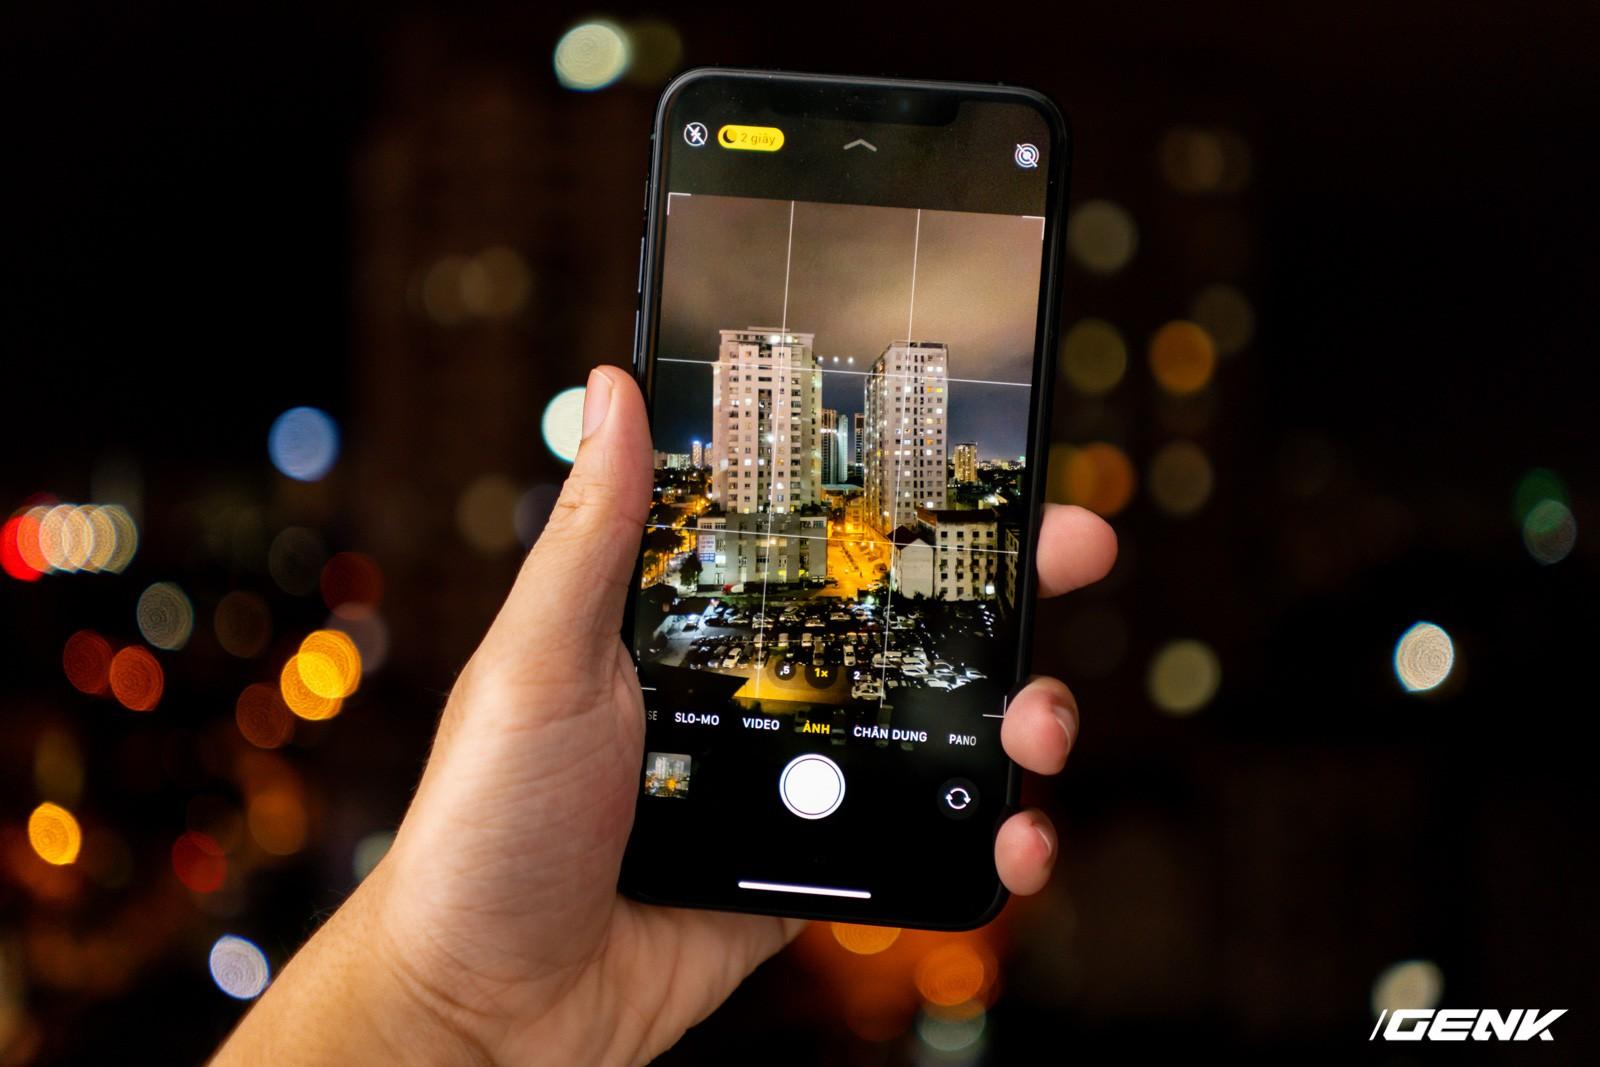 Đánh giá iPhone 11 Pro: Không phải người đi đầu, nhưng vẫn là người dẫn đầu - Ảnh 18.